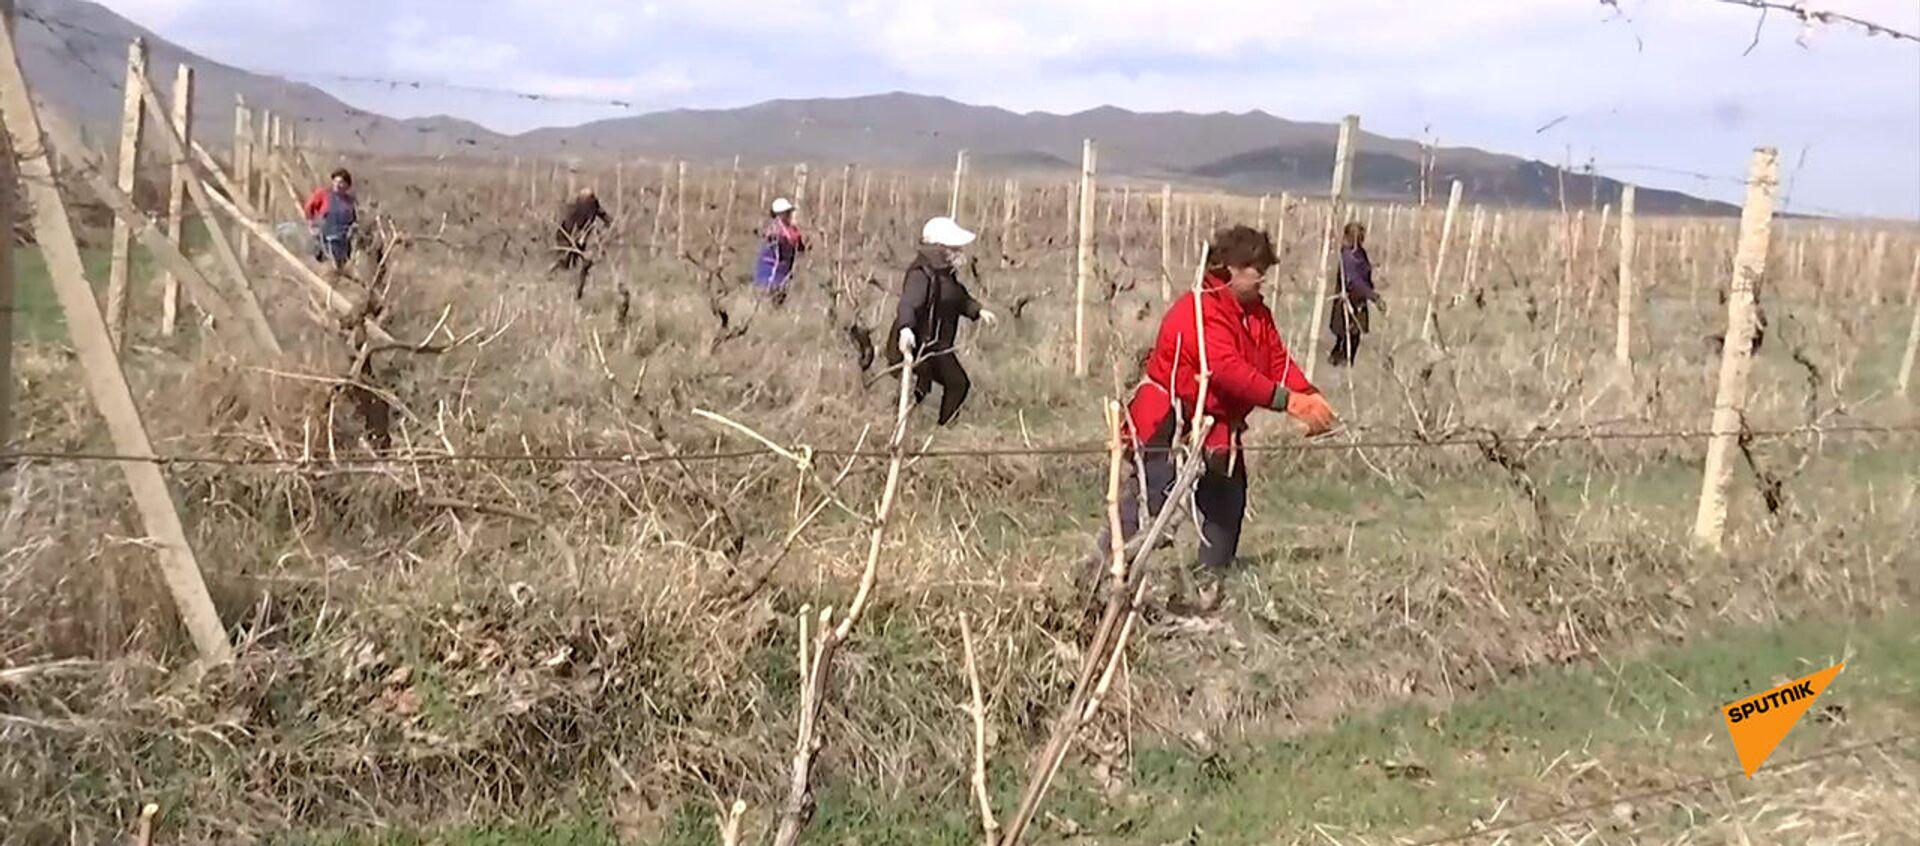 Российские миротворцы обеспечивают безопасность проведения сельхоз работ при подготовке к новому аграрному сезону в Карабахе - Sputnik Արմենիա, 1920, 20.03.2021